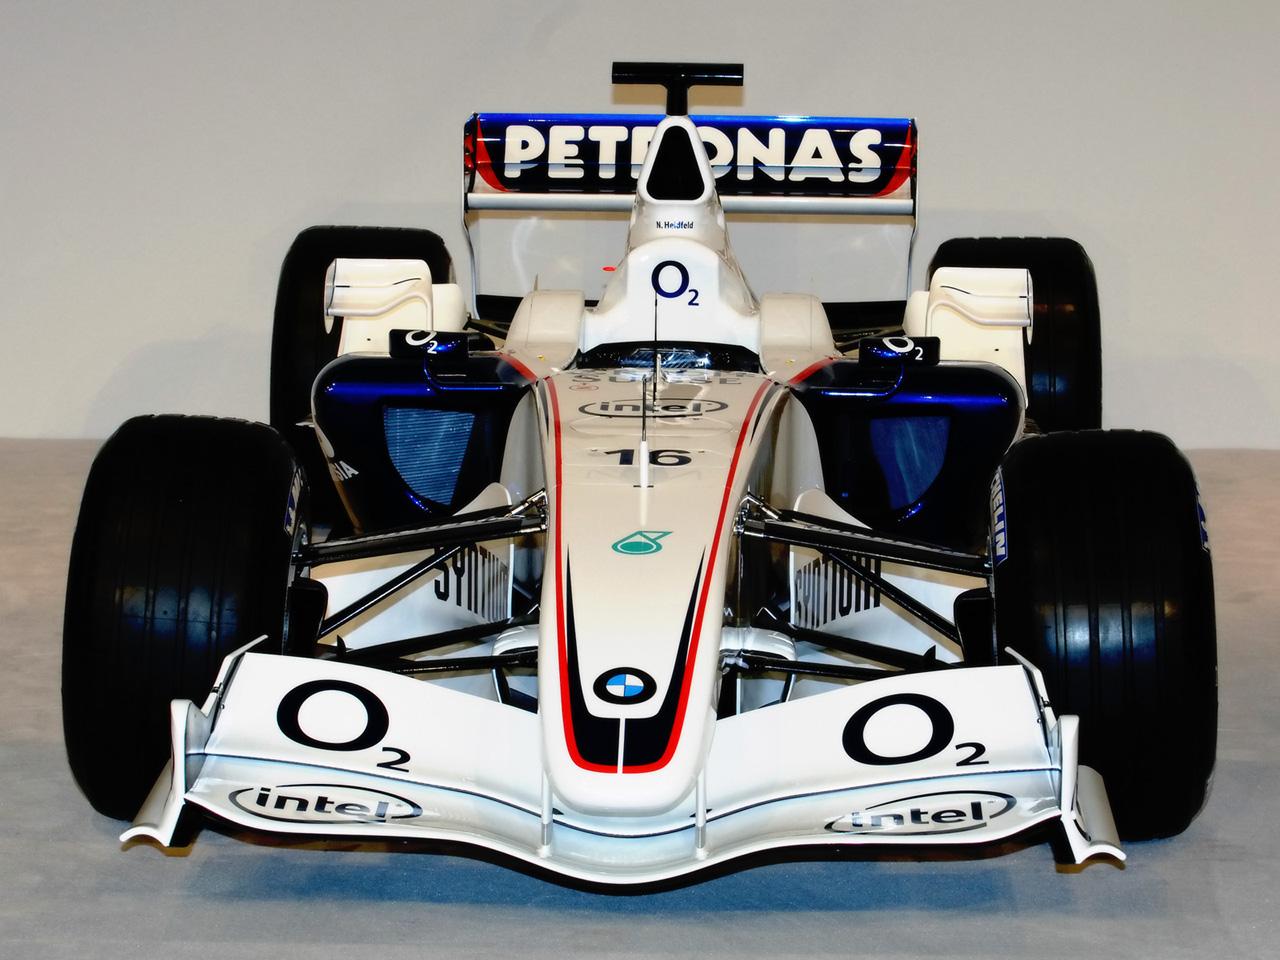 2006 Bmw Sauber F1 F1 06 Image Https Www Conceptcarz